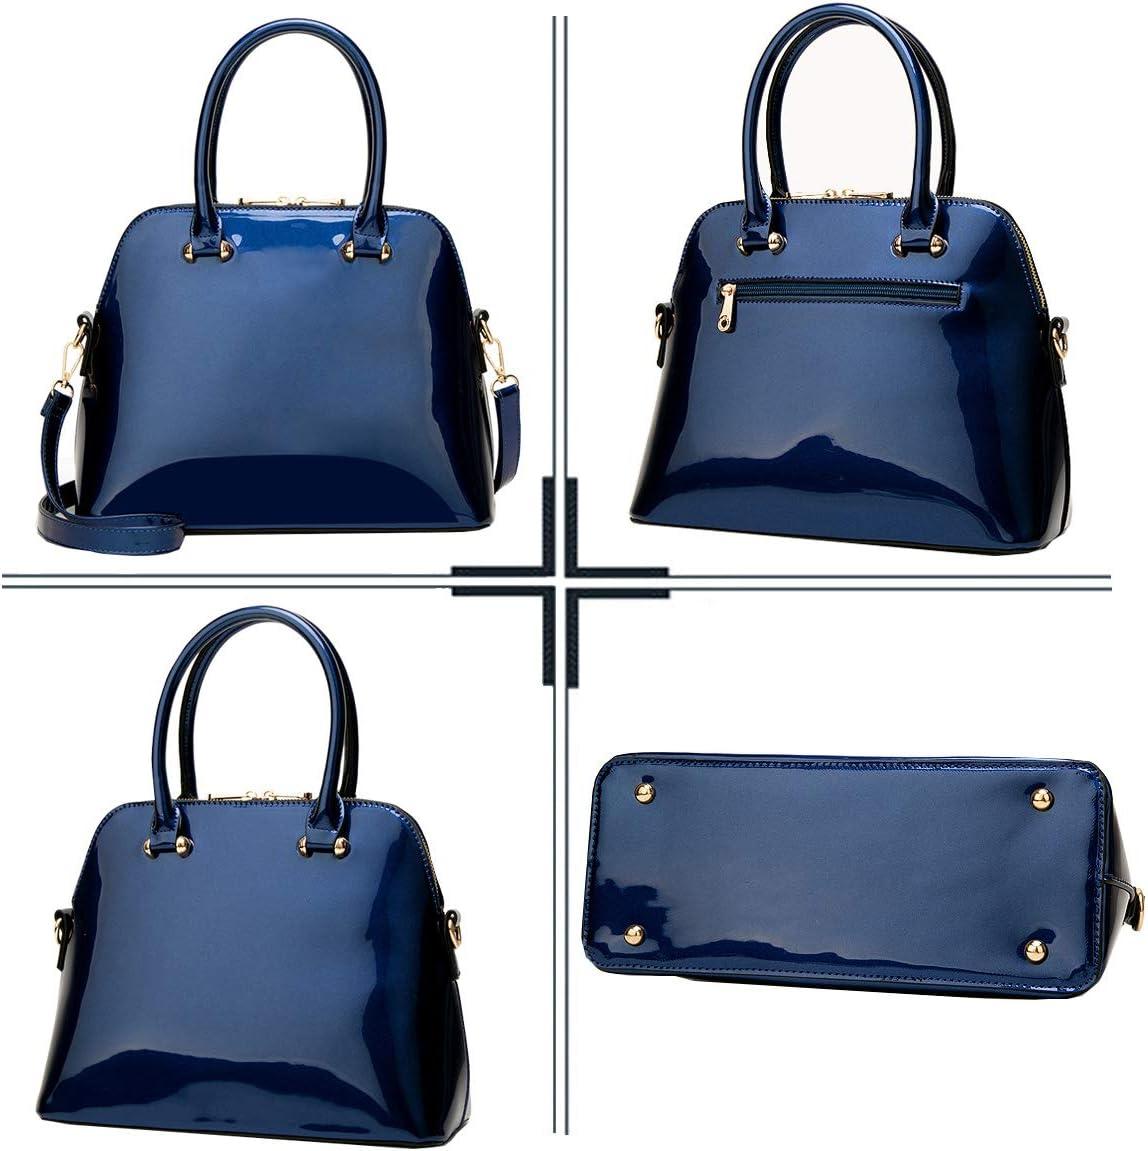 SDINAZ Bolsos de Mano Mujer Bolsos Bandolera Elegante Moda Charol Bolsos de Hombro Azul